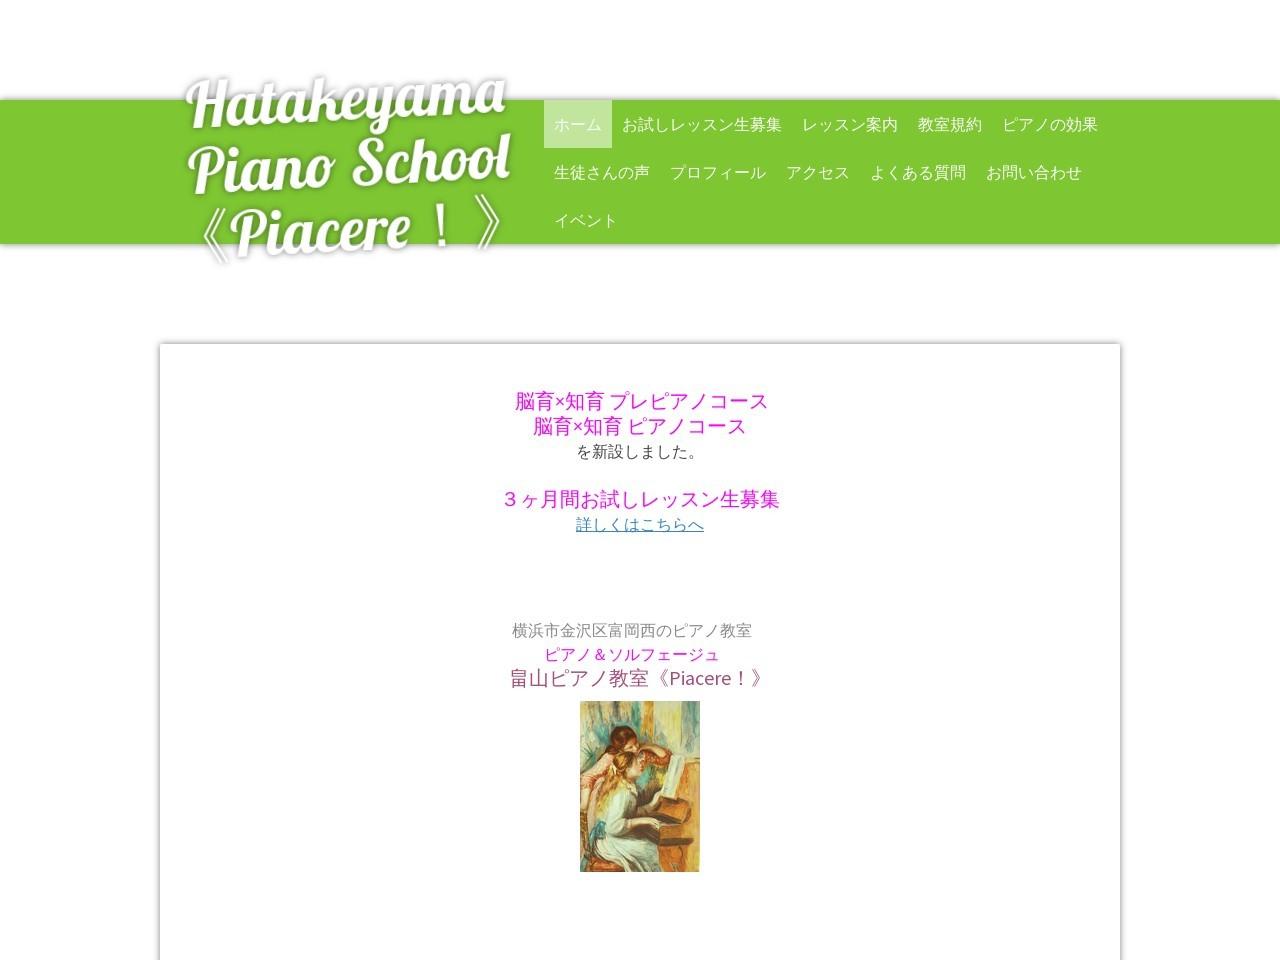 畠山ピアノ教室《Piacere!》のサムネイル